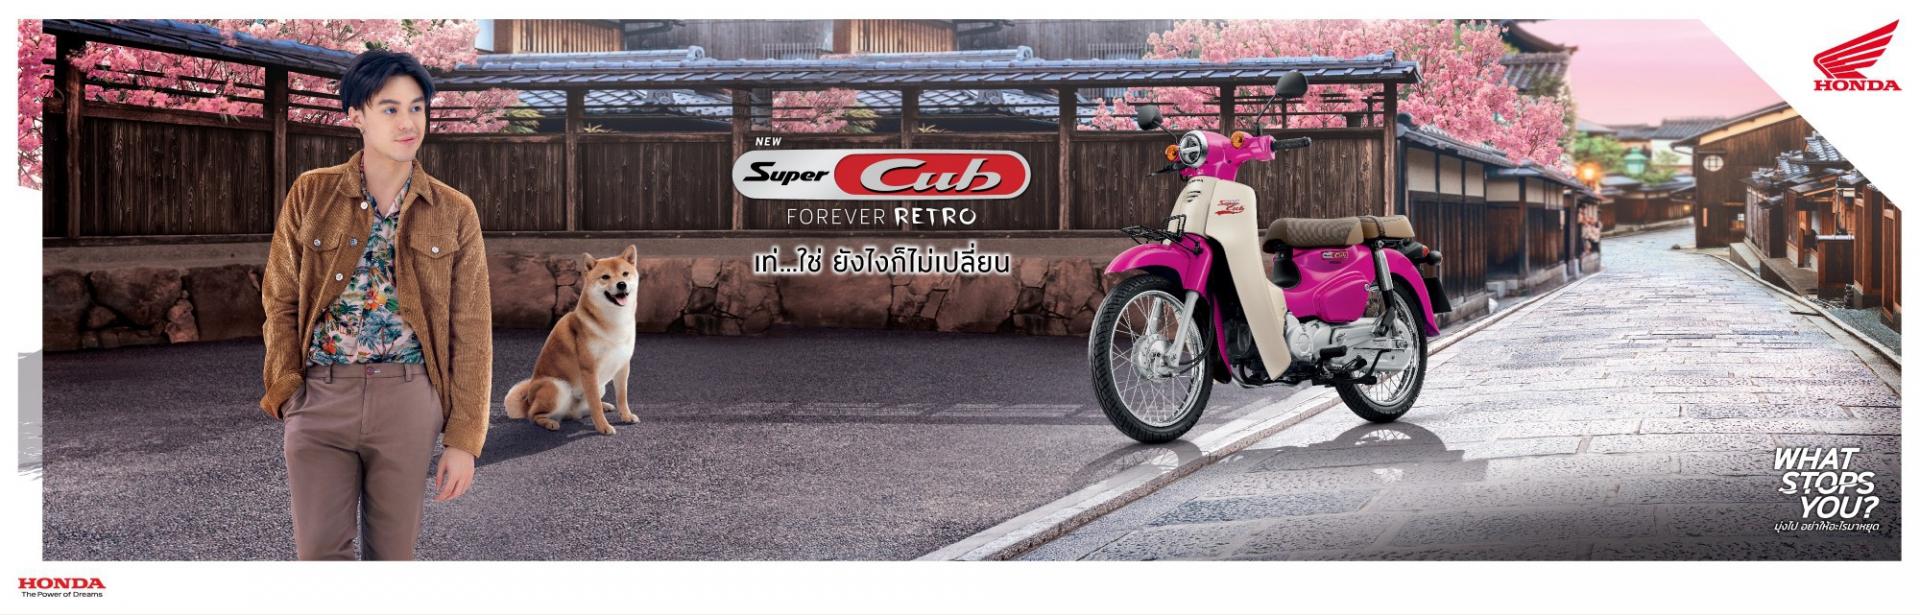 Super Cub 110 2020 Pink